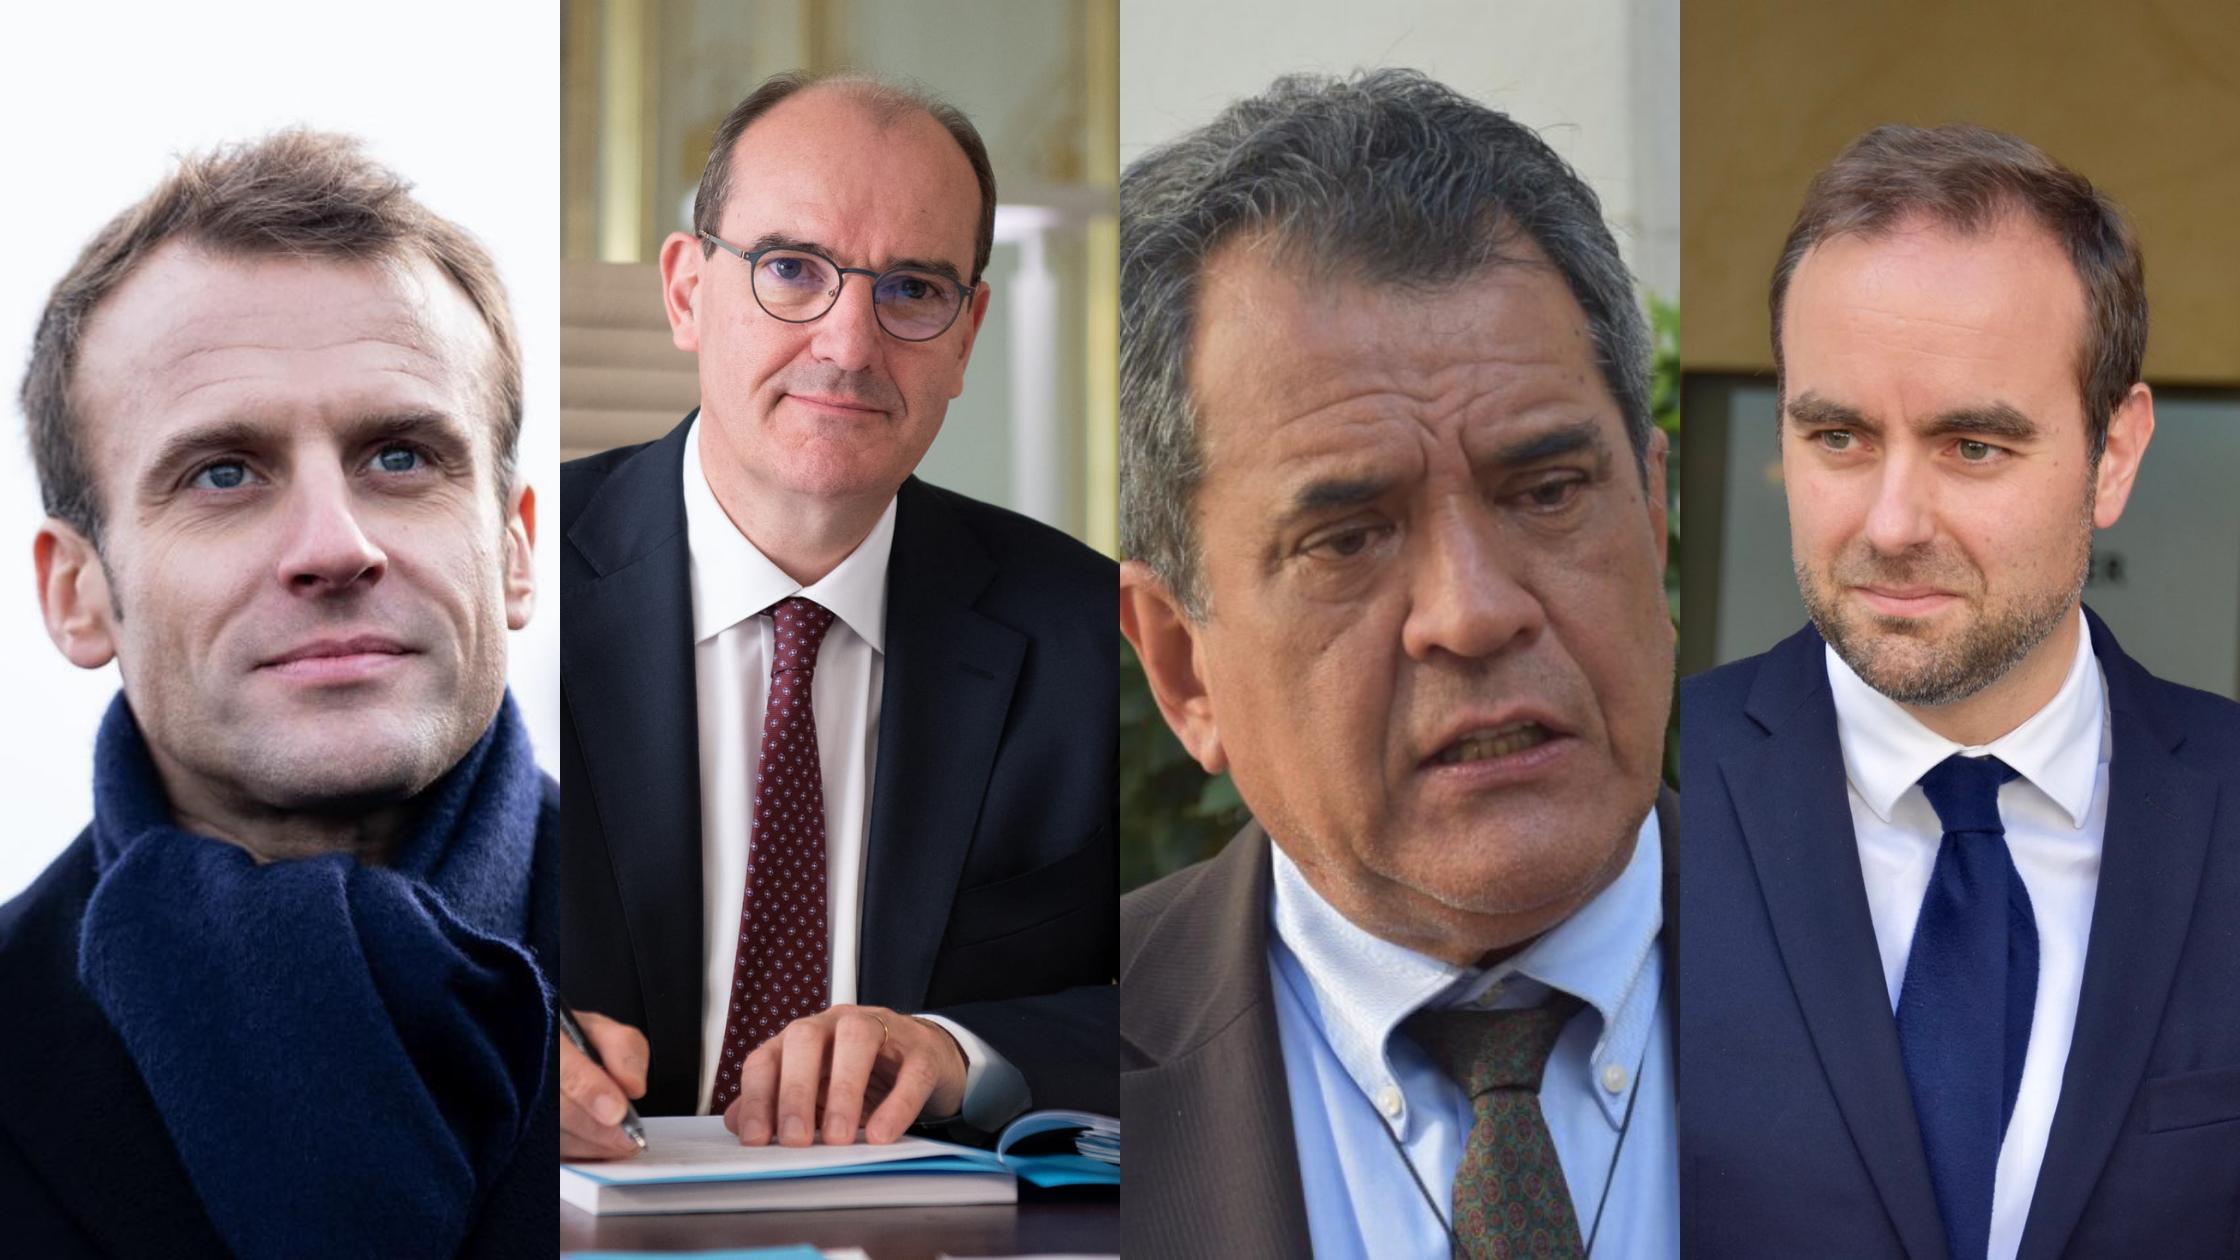 Exclu: Le Président EdouardFritch rencontre le PrésidentEmmanuel Macron et le Premier Ministre Jean Castex à Paris